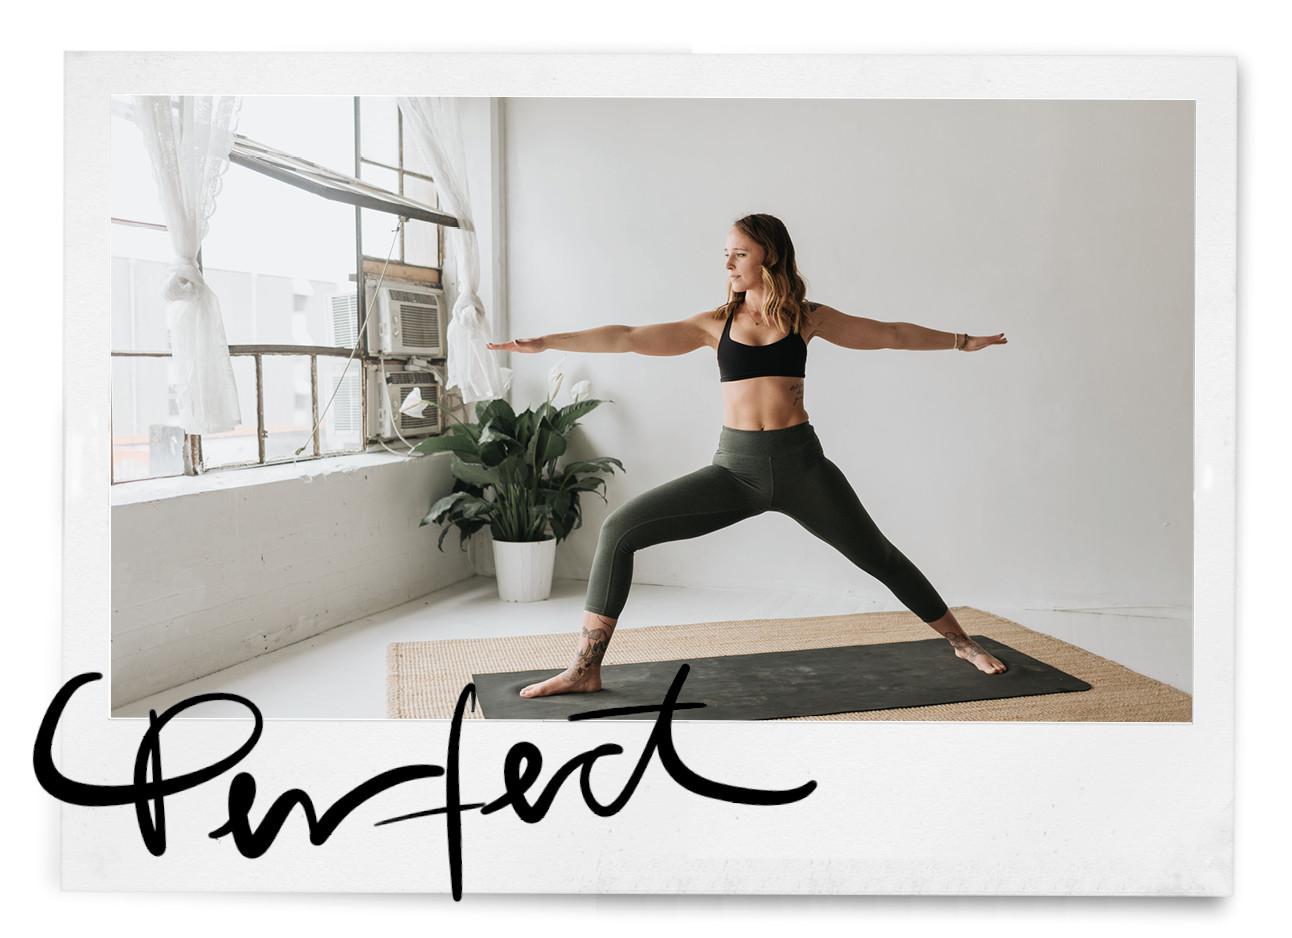 Yogi vrouw op een mat in een soepele yoga houding